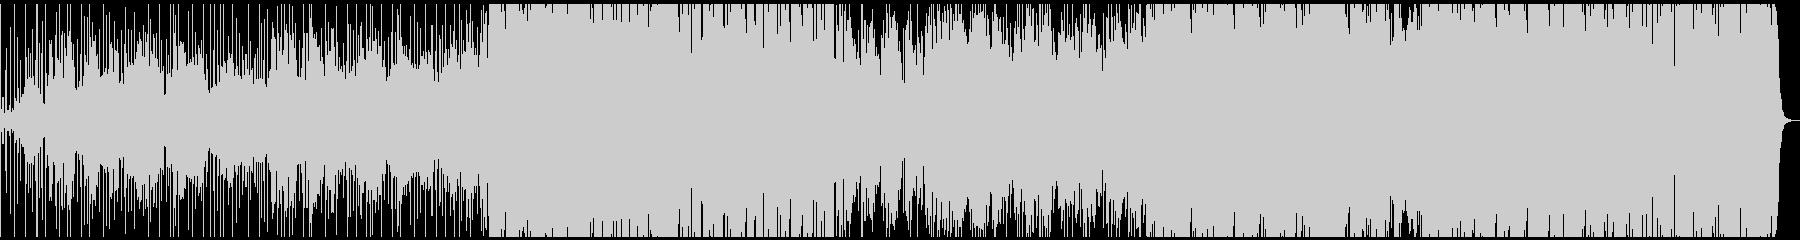 女性ボーカルのポップ/エレクトロニ...の未再生の波形